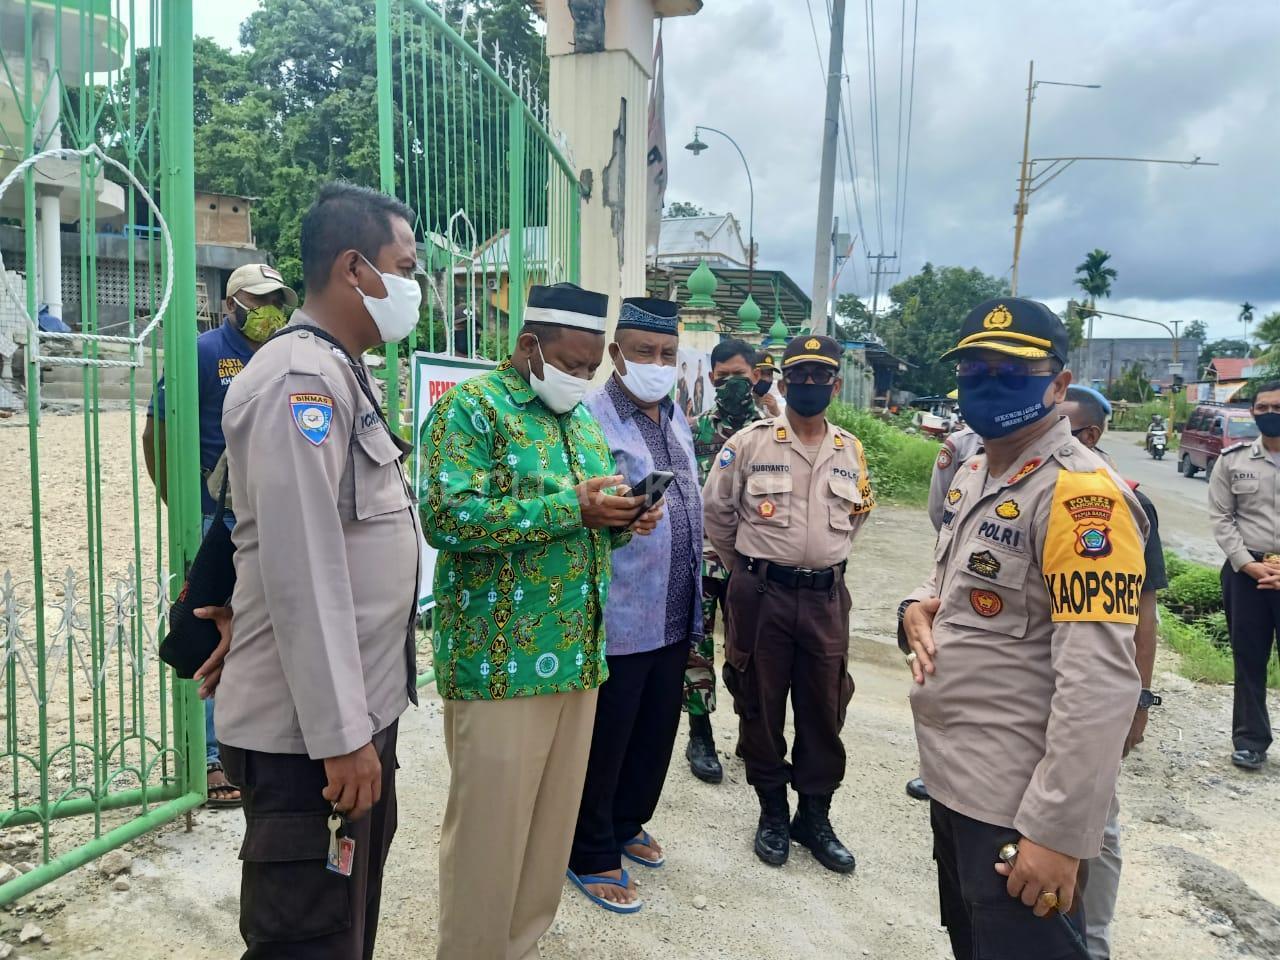 Polres Manokwari Gandeng MUI PB Gelar Patroli Pastikan Tidak Ada Shalat Jumat di Masjid Saat Covid-19 17 IMG 20200501 WA0085